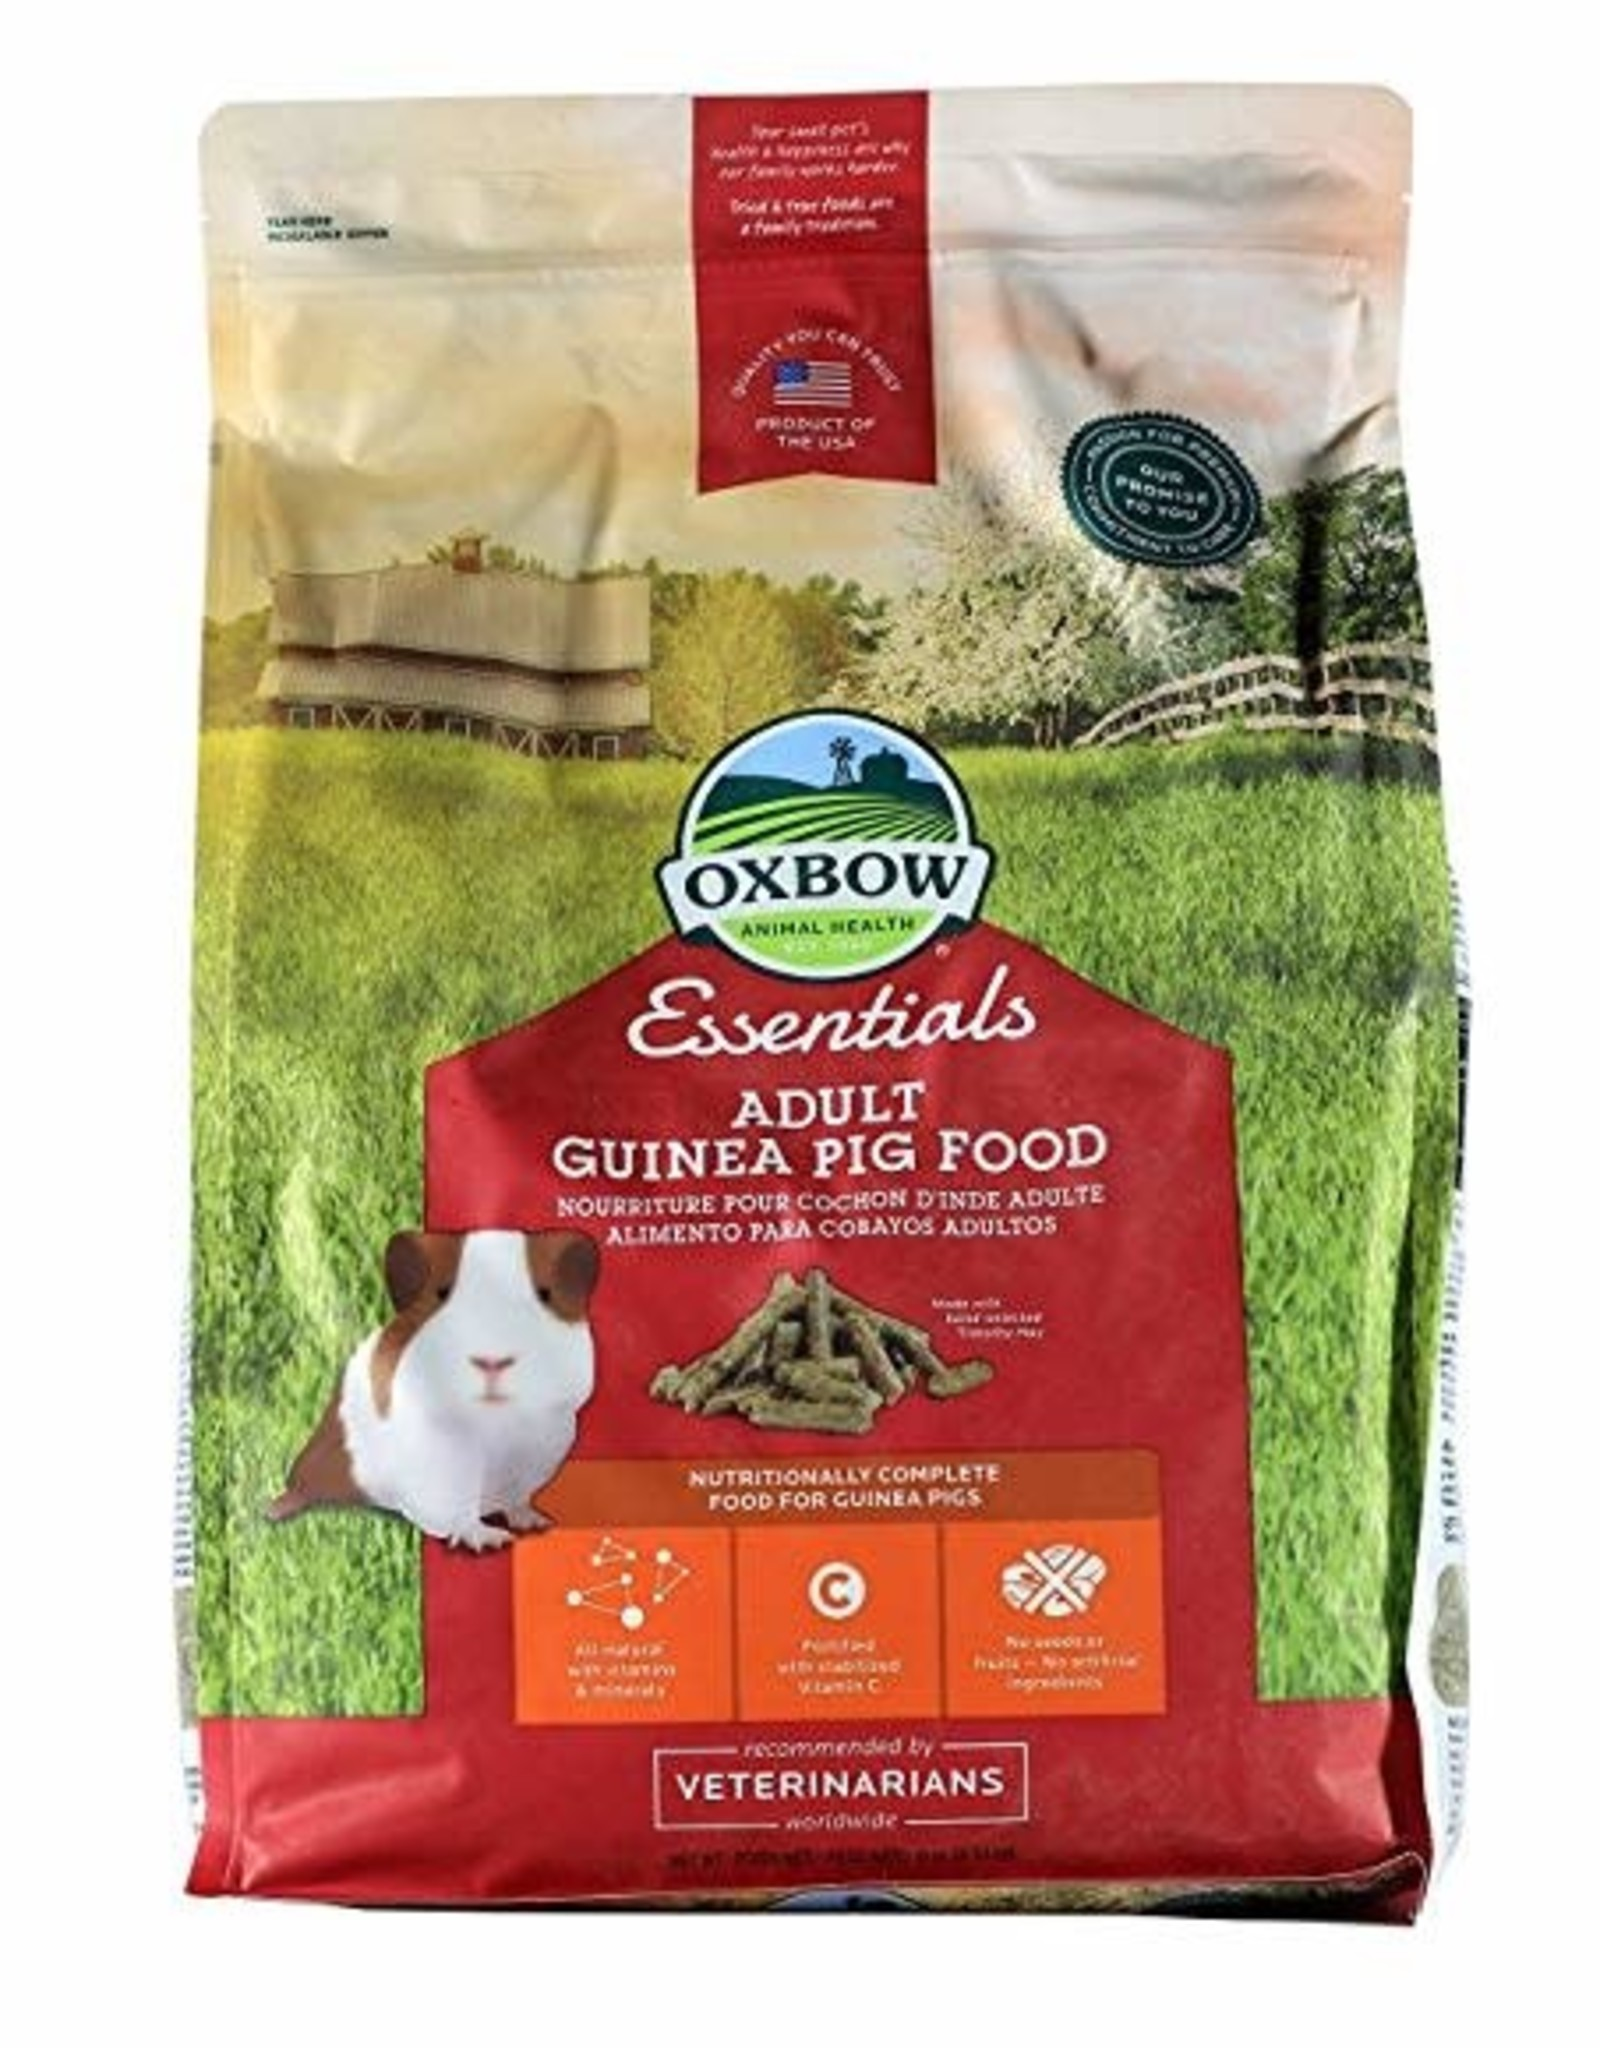 OXBOW ANIMAL HEALTH Essentials- Adult Guinea Pig Food